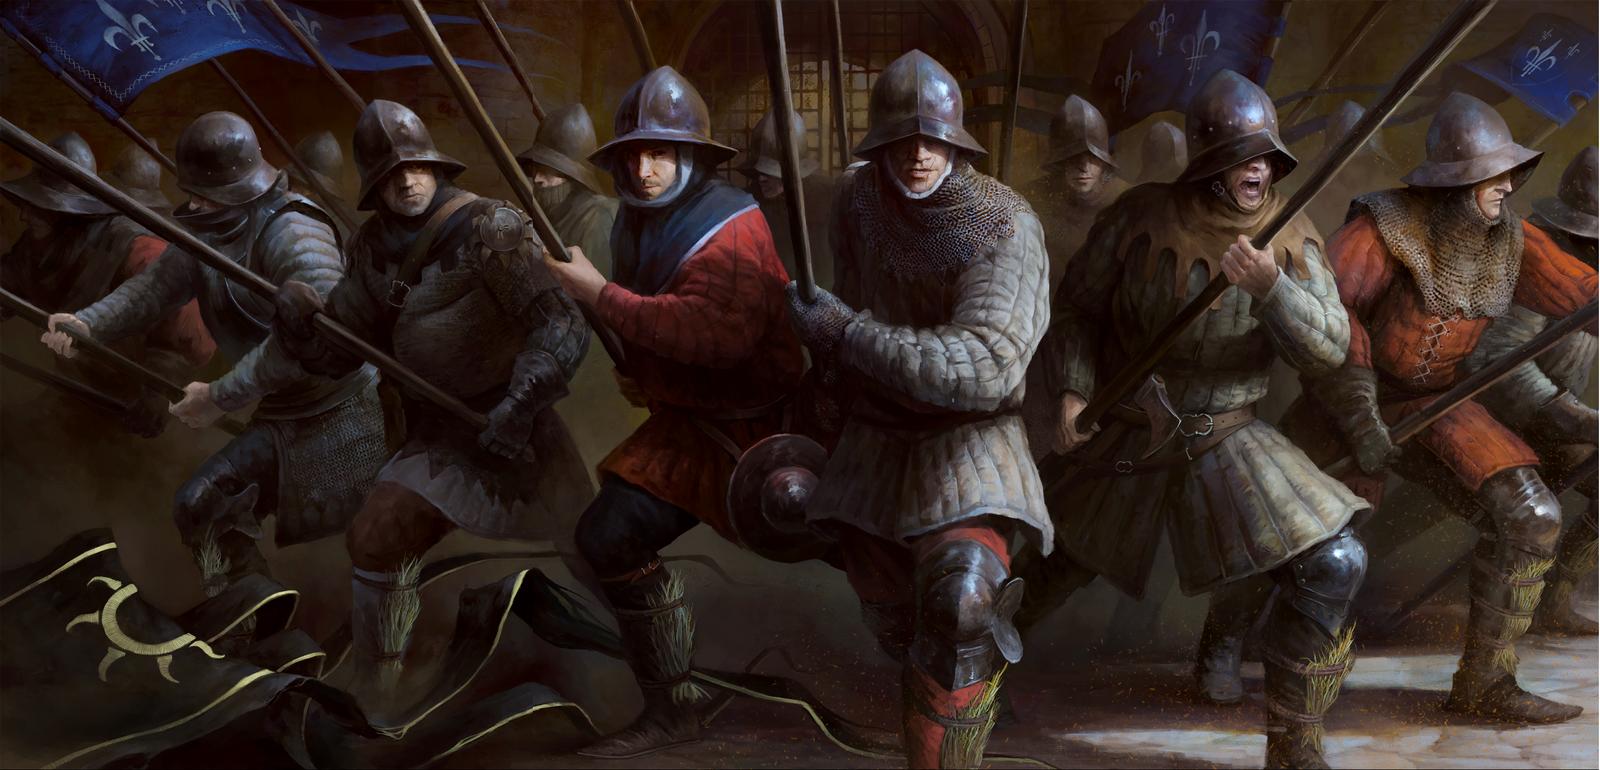 Картинки по запросу Королевство севера гвинт арты